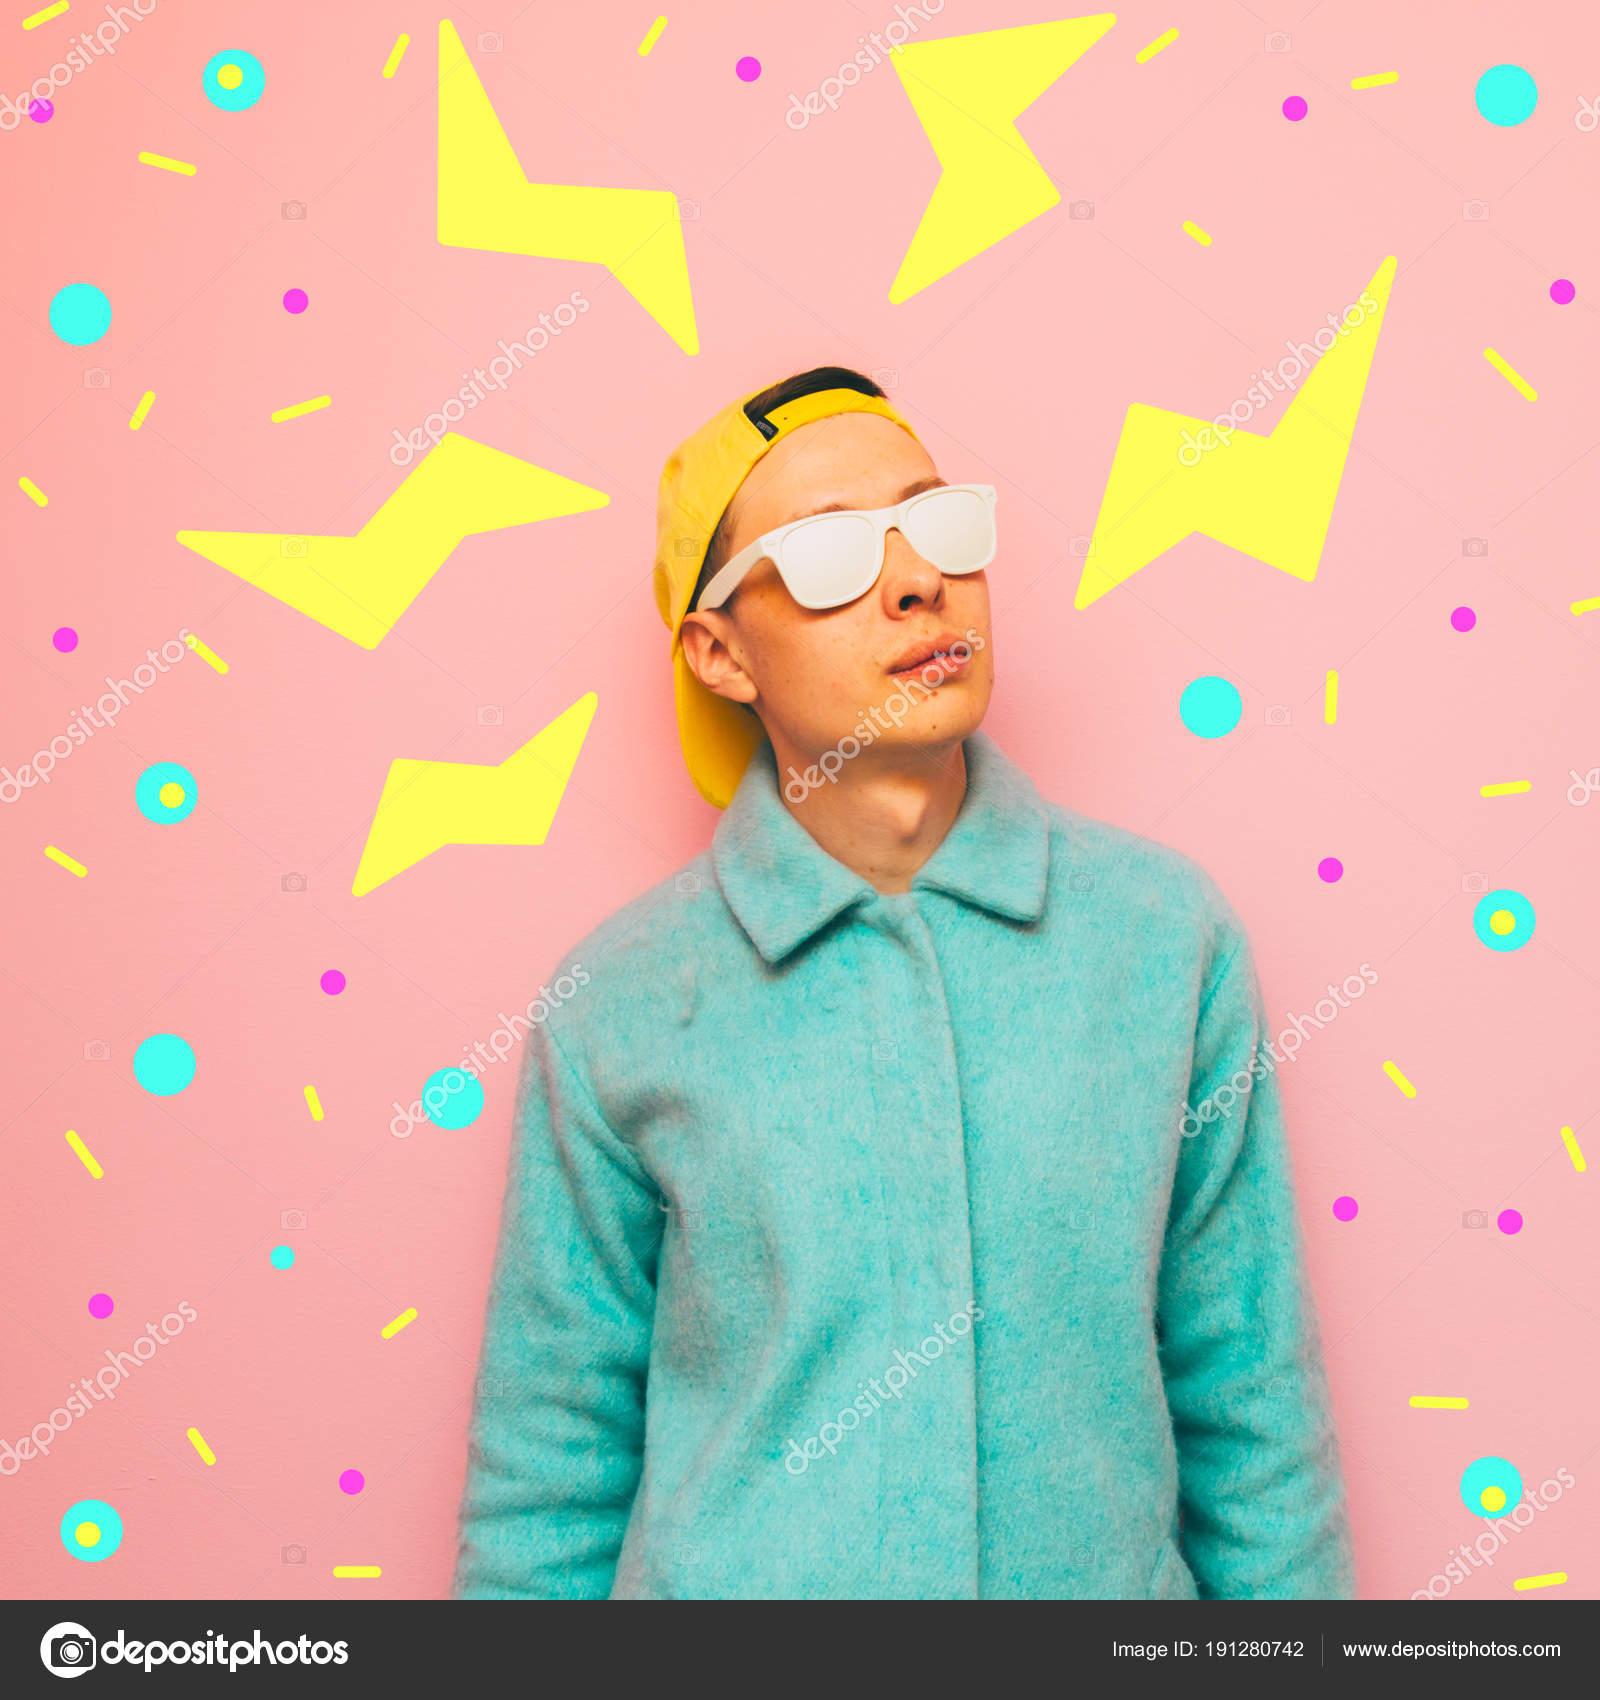 Stylish Fashionable Guy Wearing Sunglasses Coat Crazy